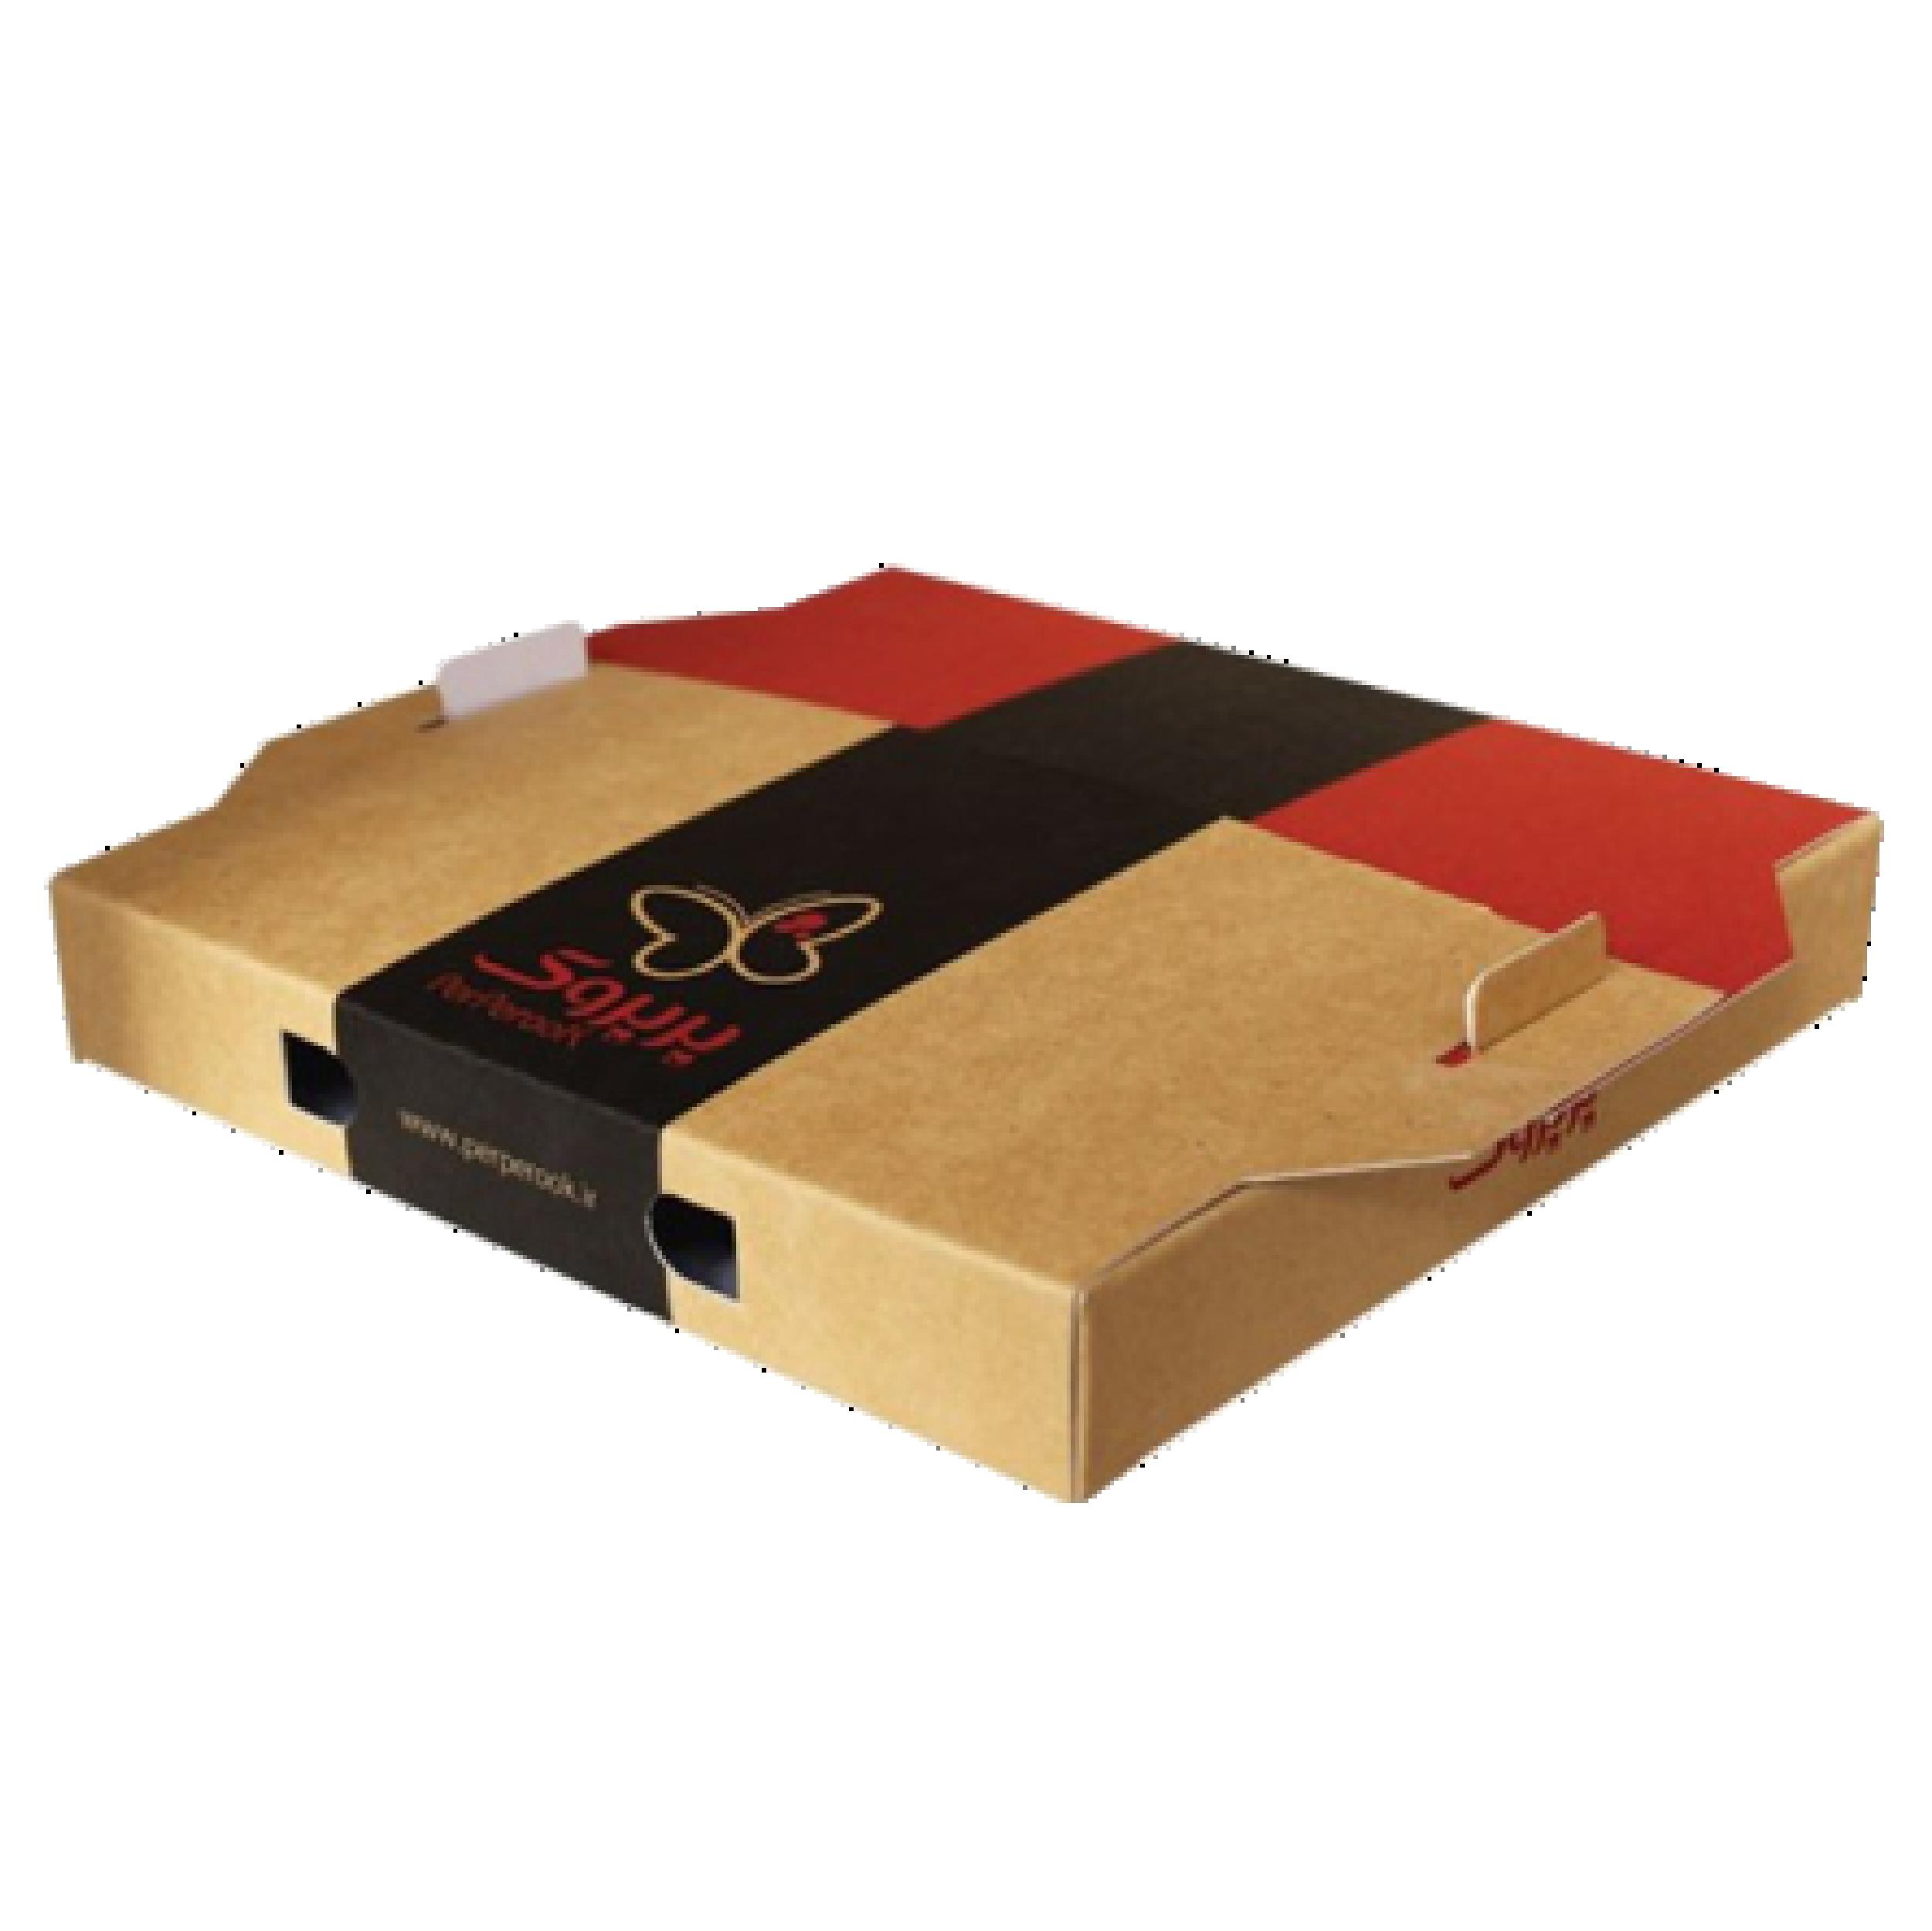 جعبه پیتزا دسته دار 0۲ - جعبه پیتزا - تولید کننده جعبه پیتزا ارزان و با کیفیت